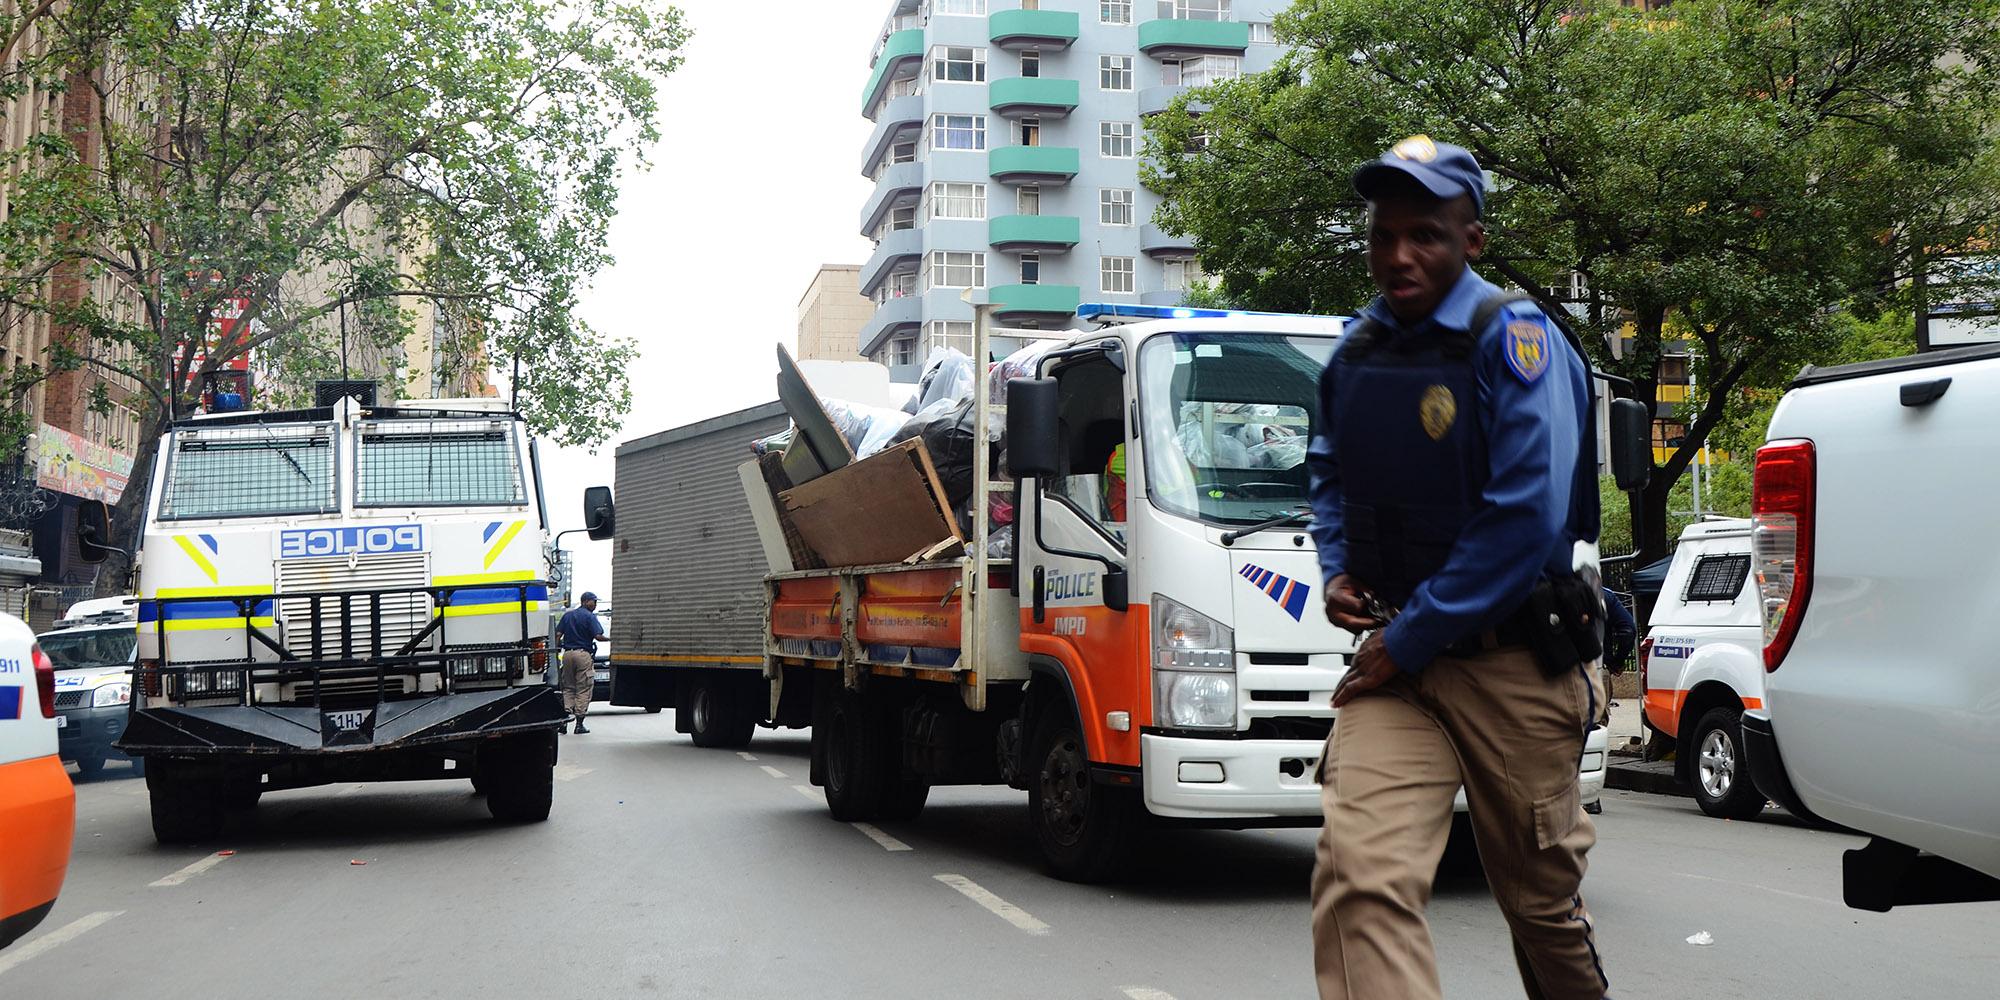 7 polisiebeamptes gearresteer nadat hulle probeer het om goedere te verkoop ... - Daily Maverick